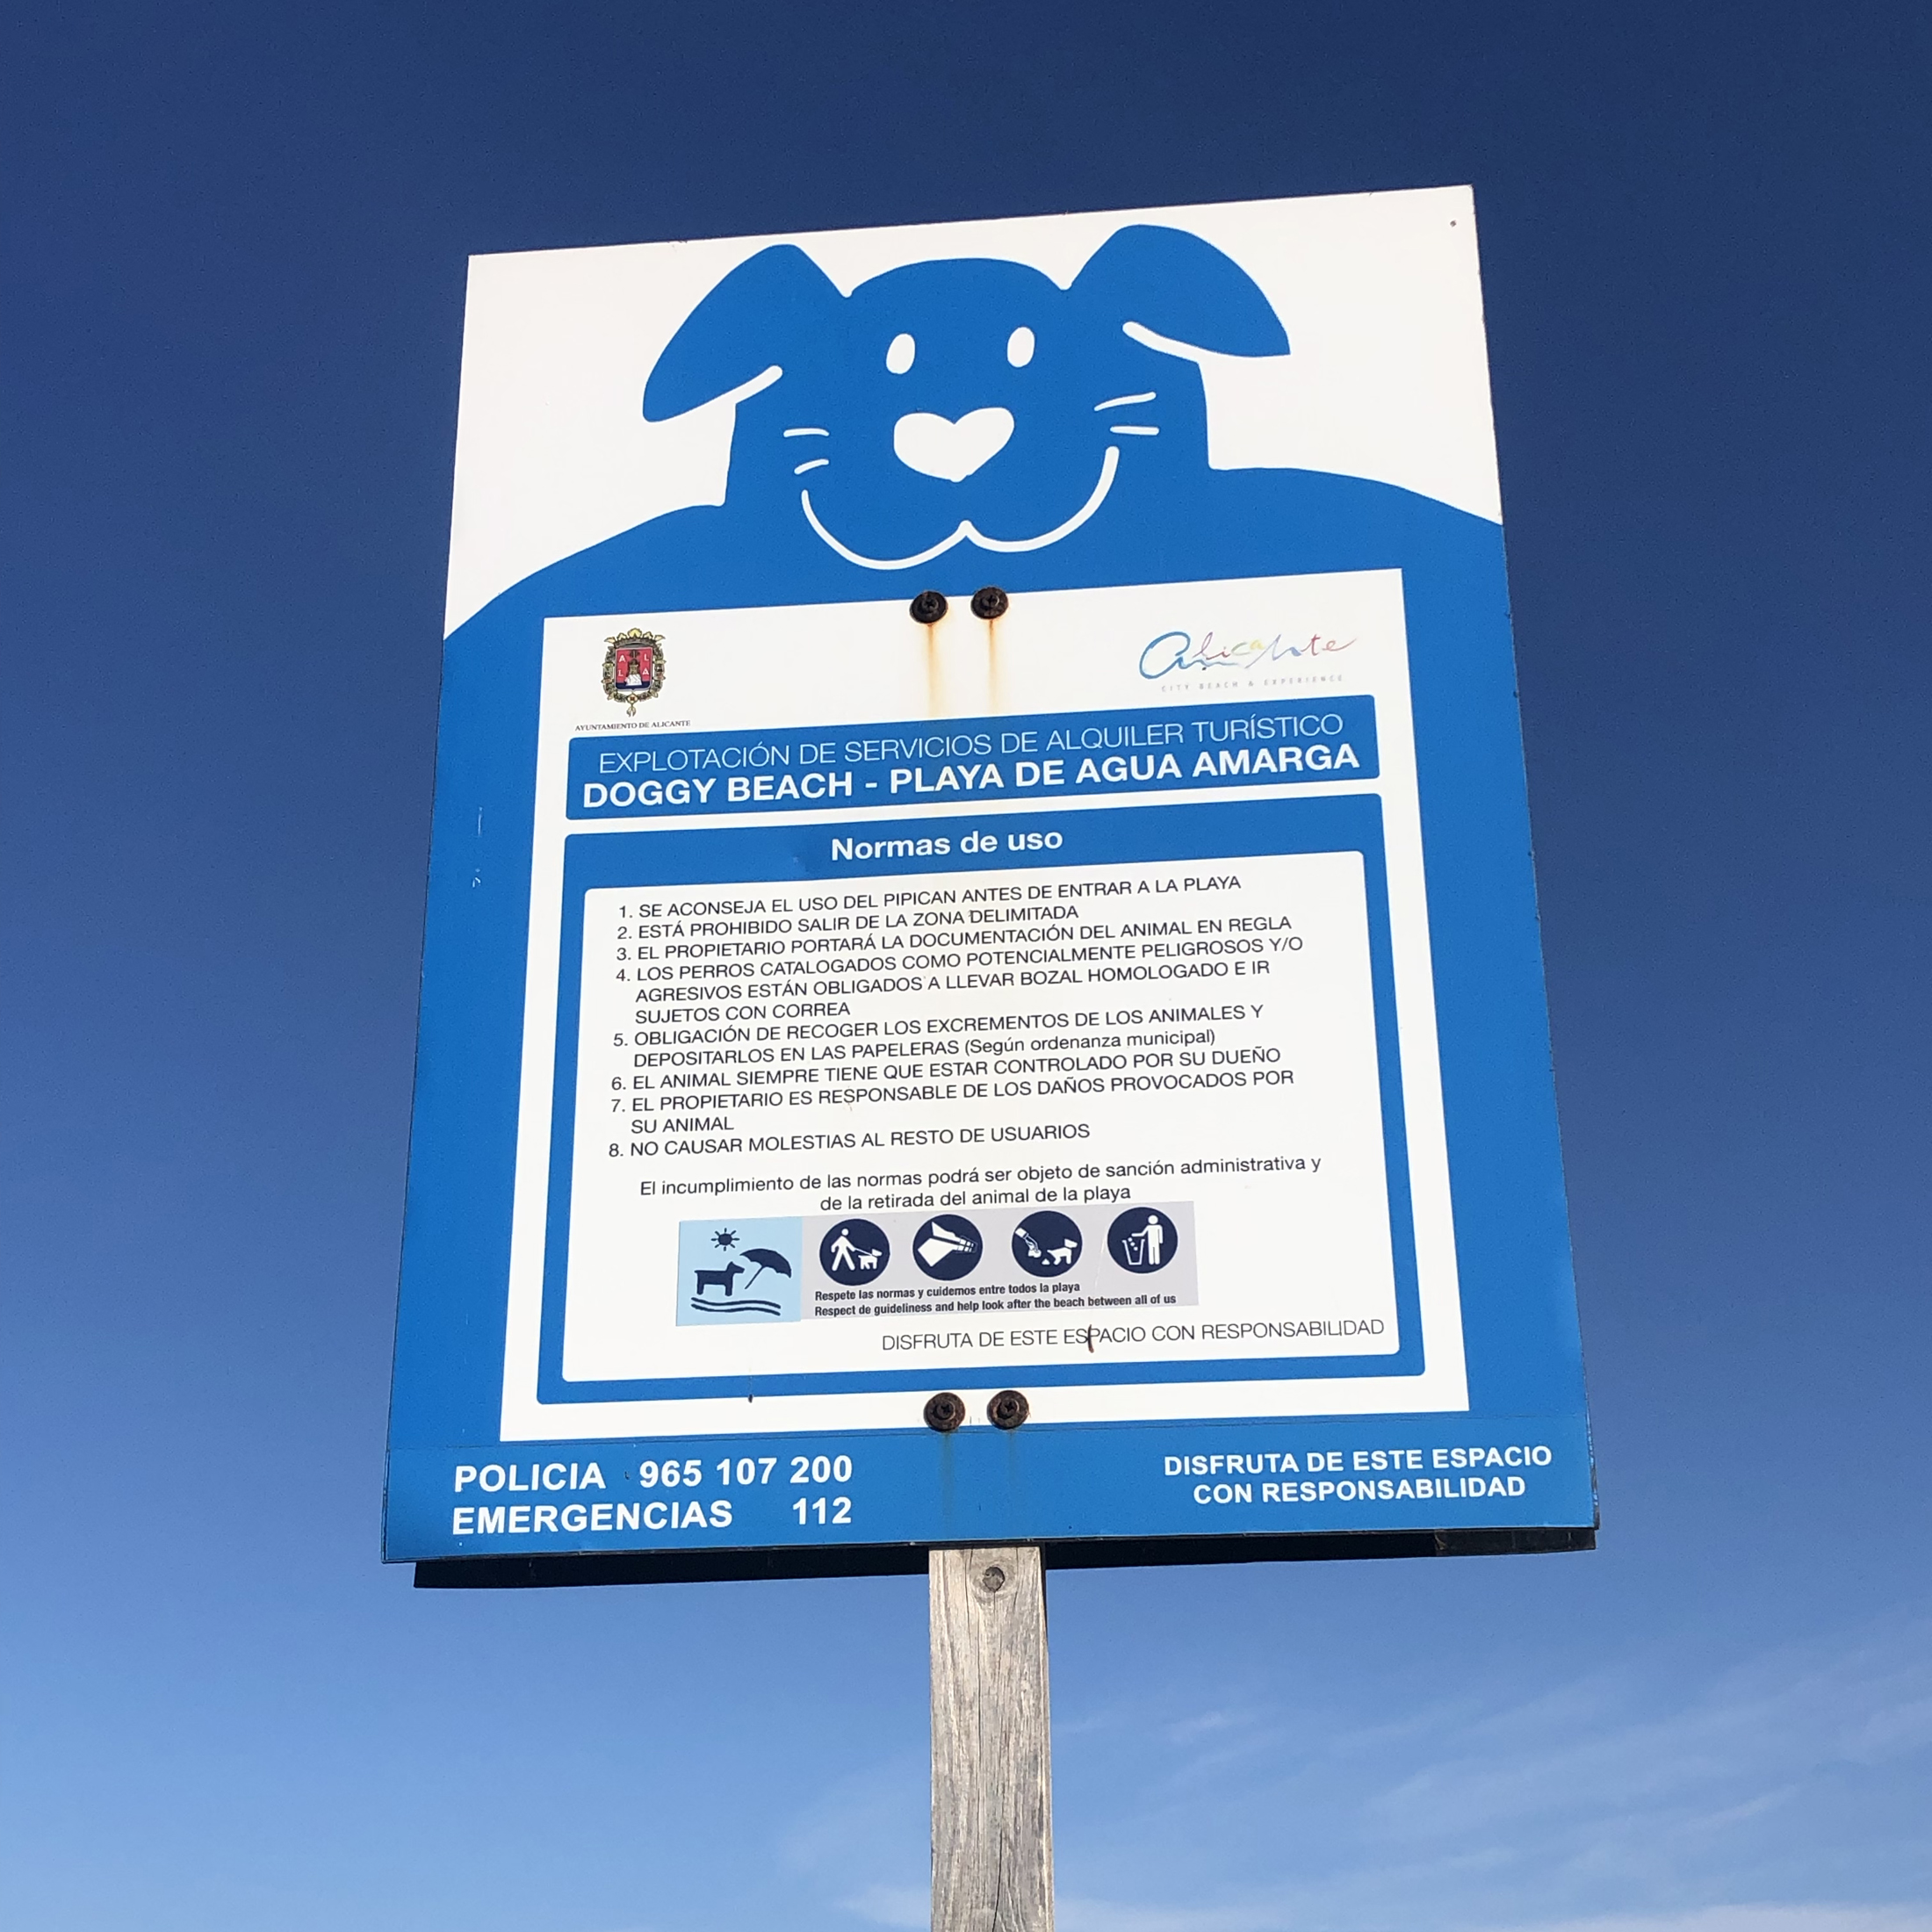 Cartel de la playa de Agua Amarga en Alicante.